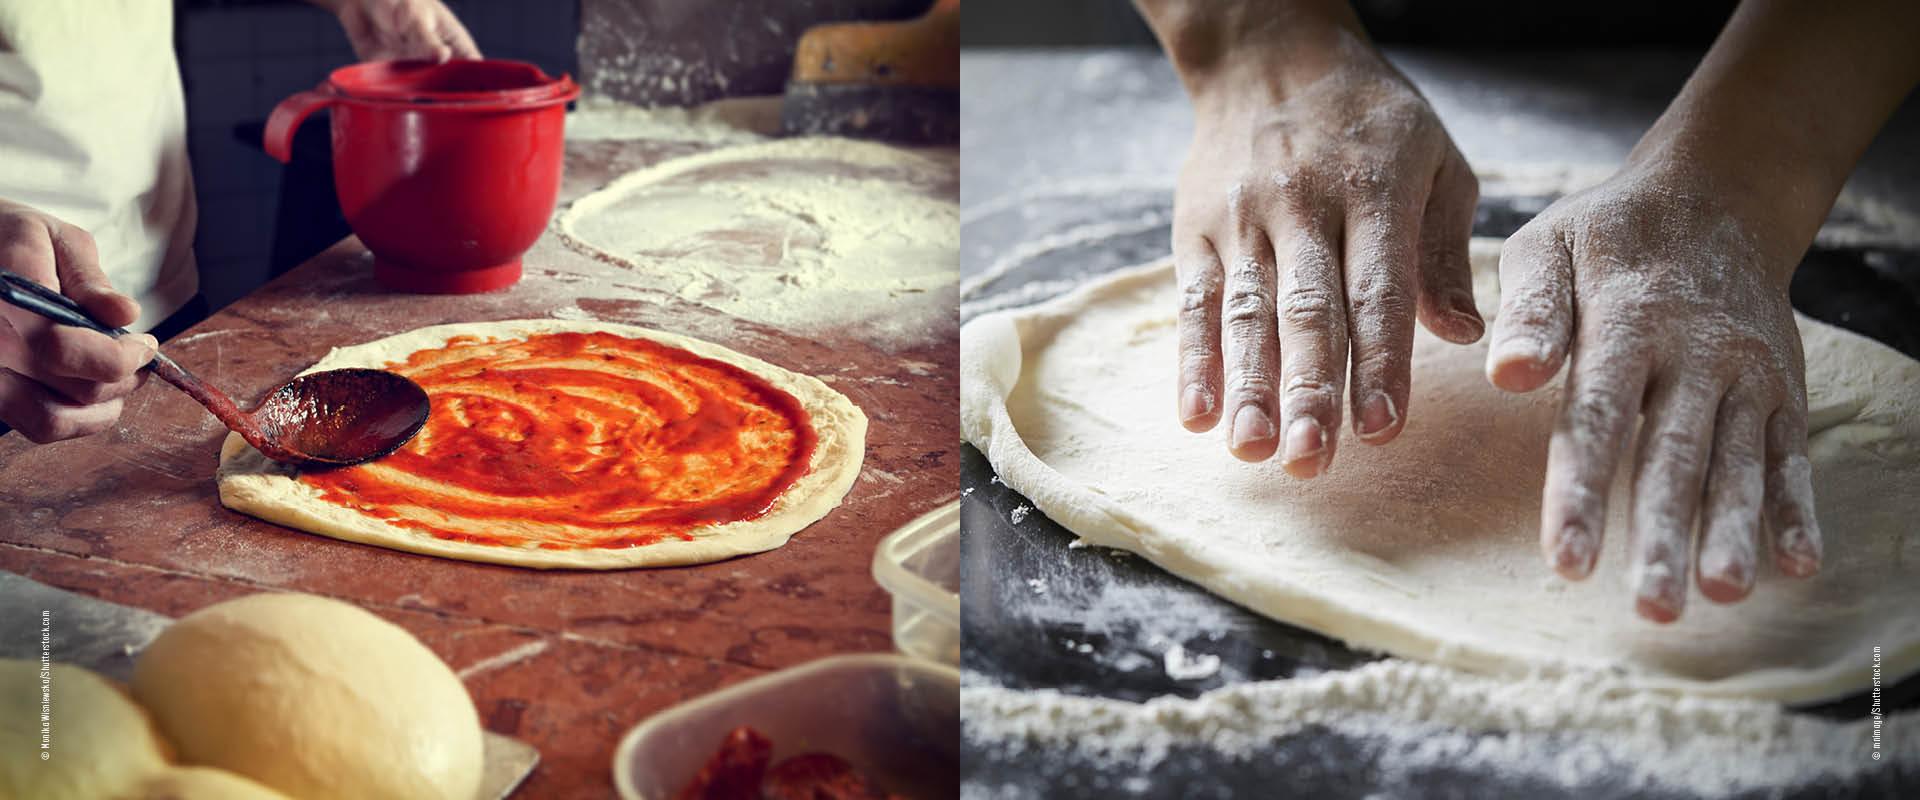 Pizzateig verarbeiten